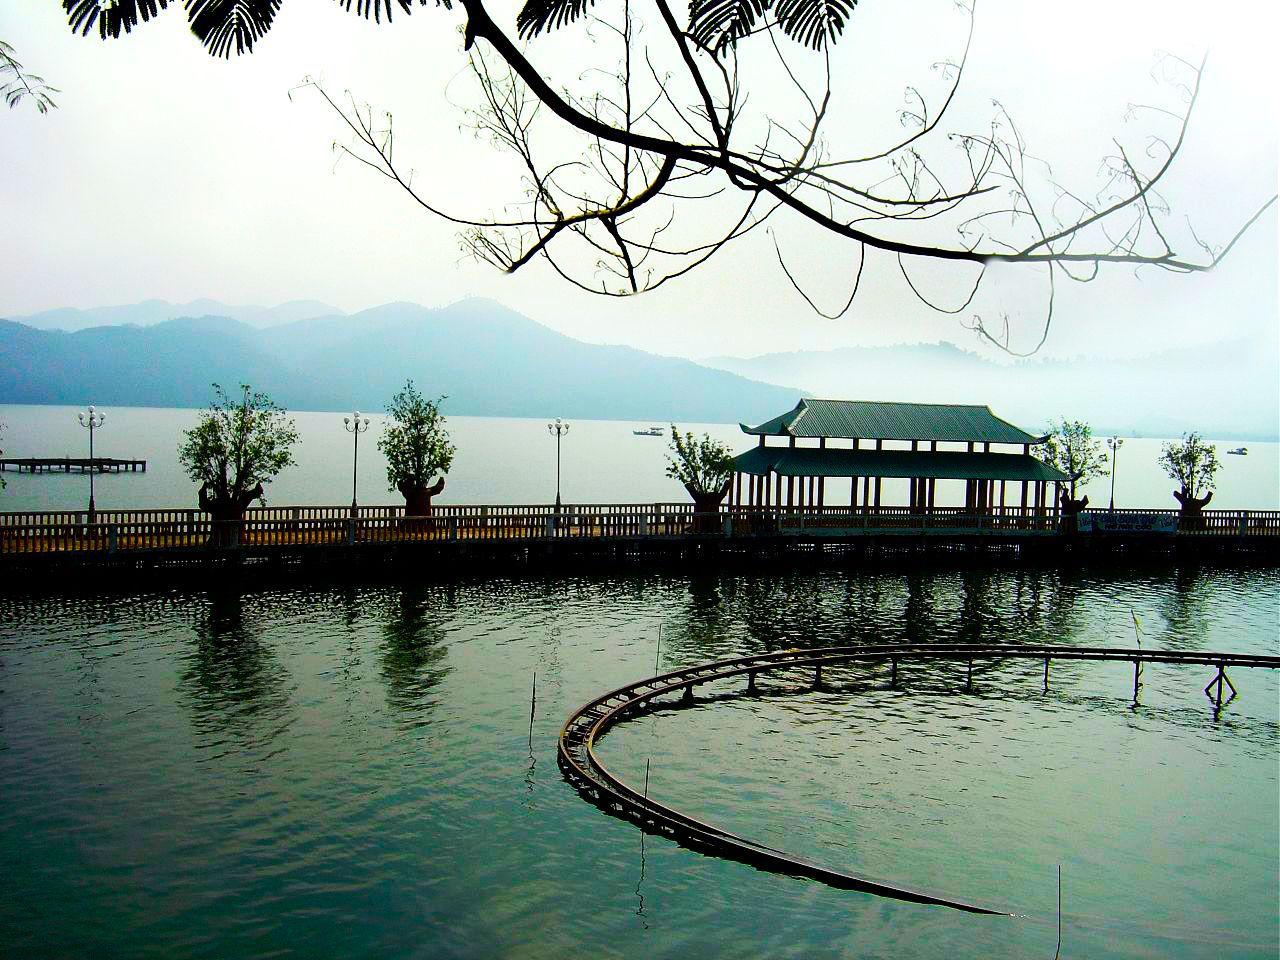 Khu du lịch Hồ Núi Cốc luôn là điểm đến của hàng ngàn khách du lịch khi đặt chân đến Thái Nguyên